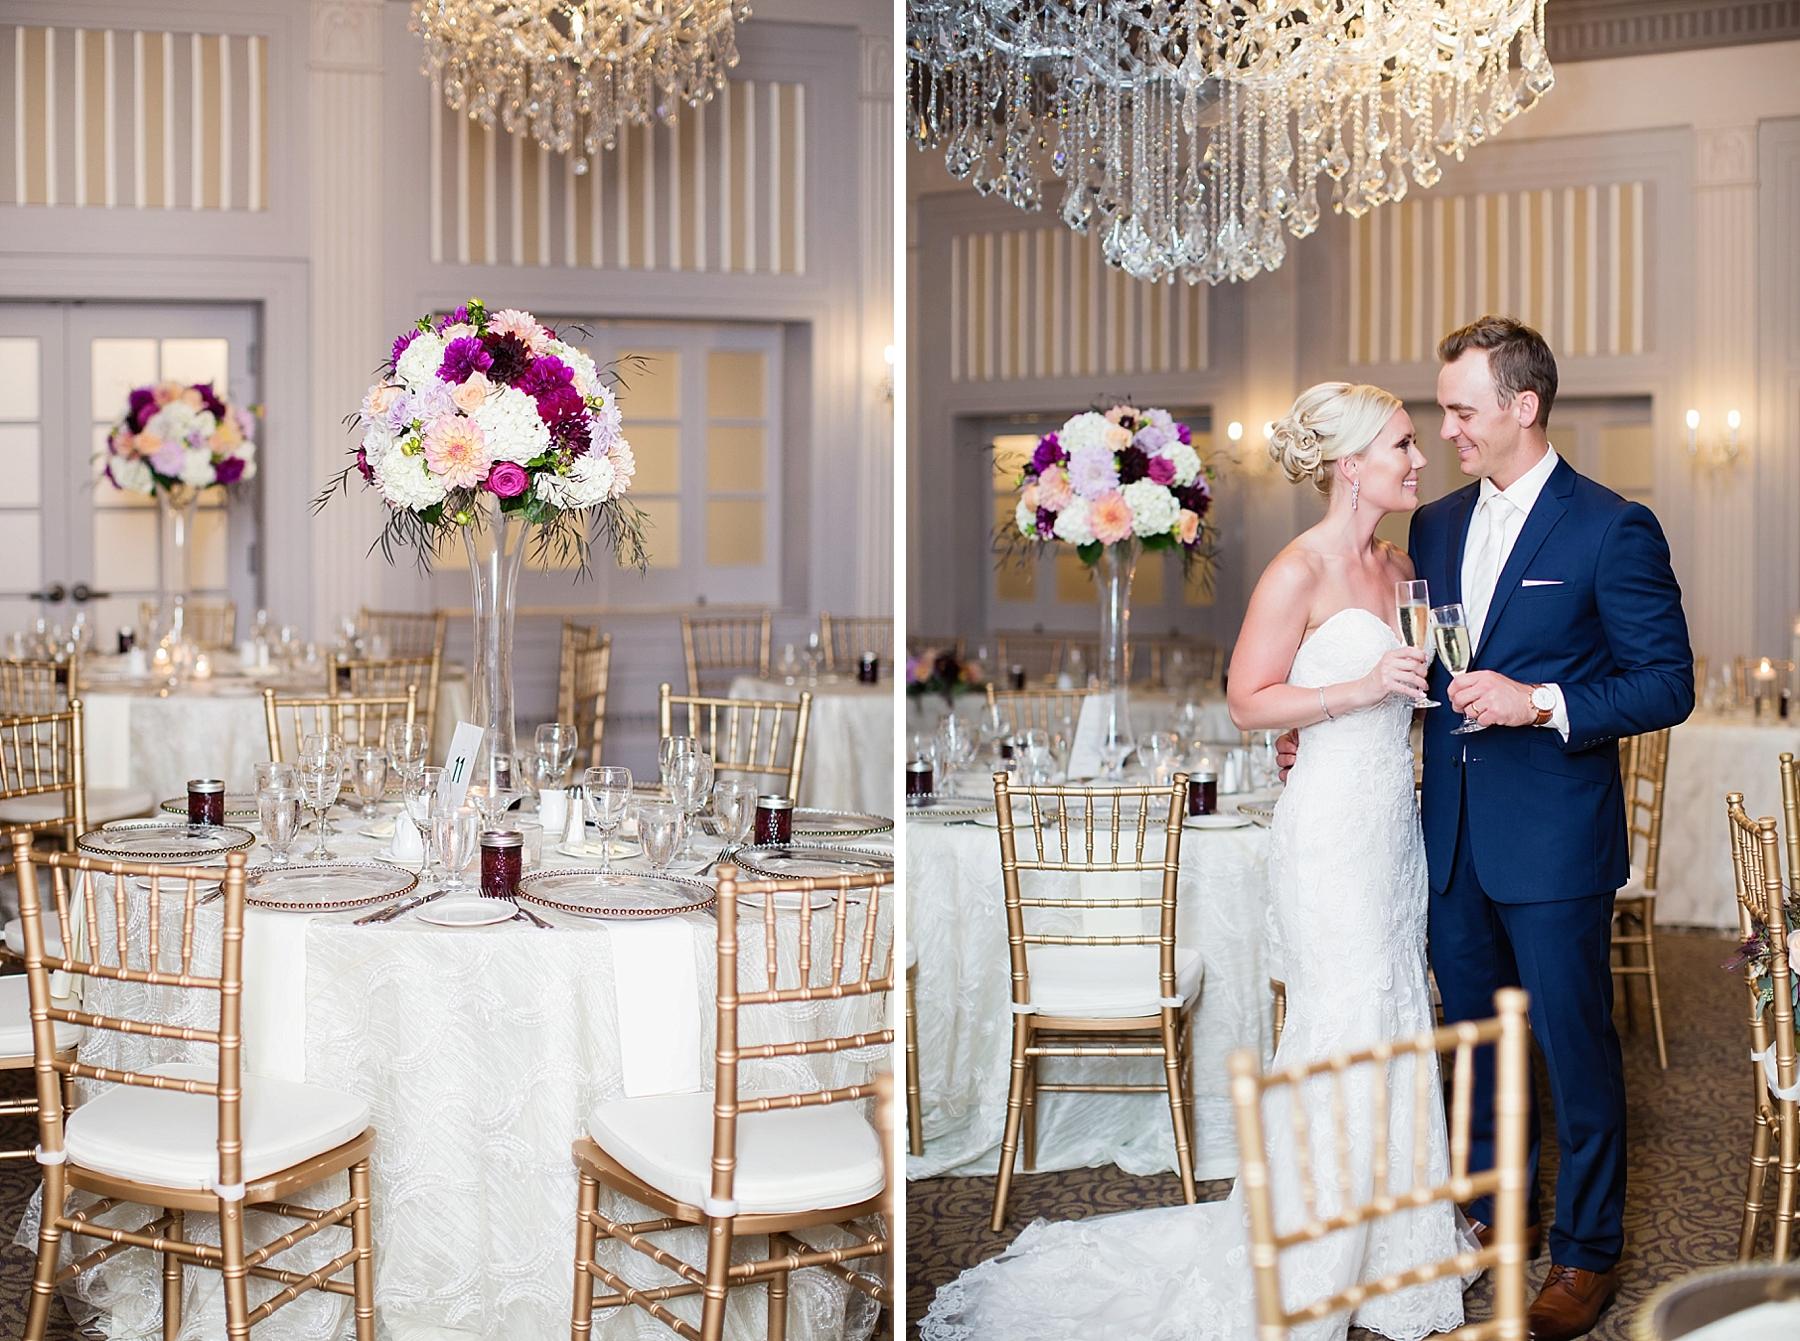 windsor-wedding-photographer-essex-golf-country-club-wedding-eryn-shea-photography_0064.jpg